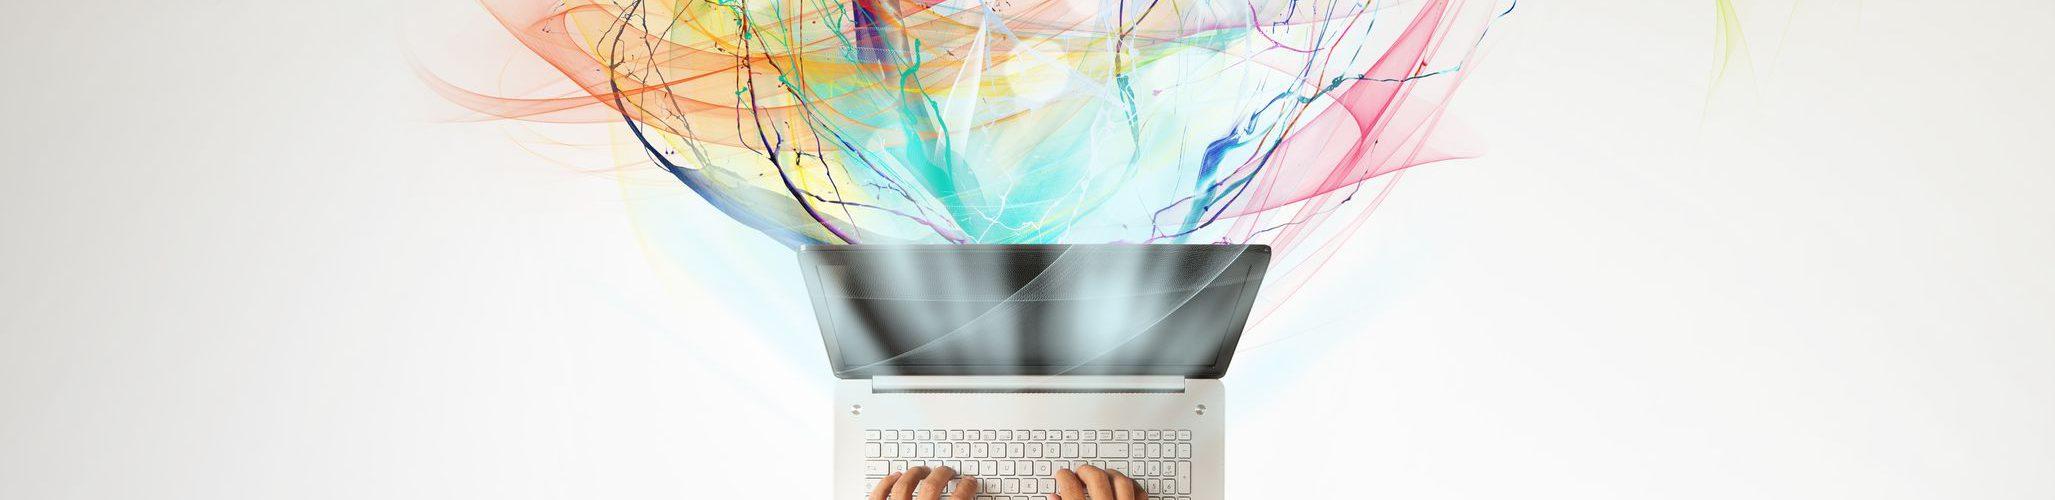 Homem sentado em uma mesa branca, mexendo em notebook, que tem diversas fitas de cores diferentes ao seu redor.